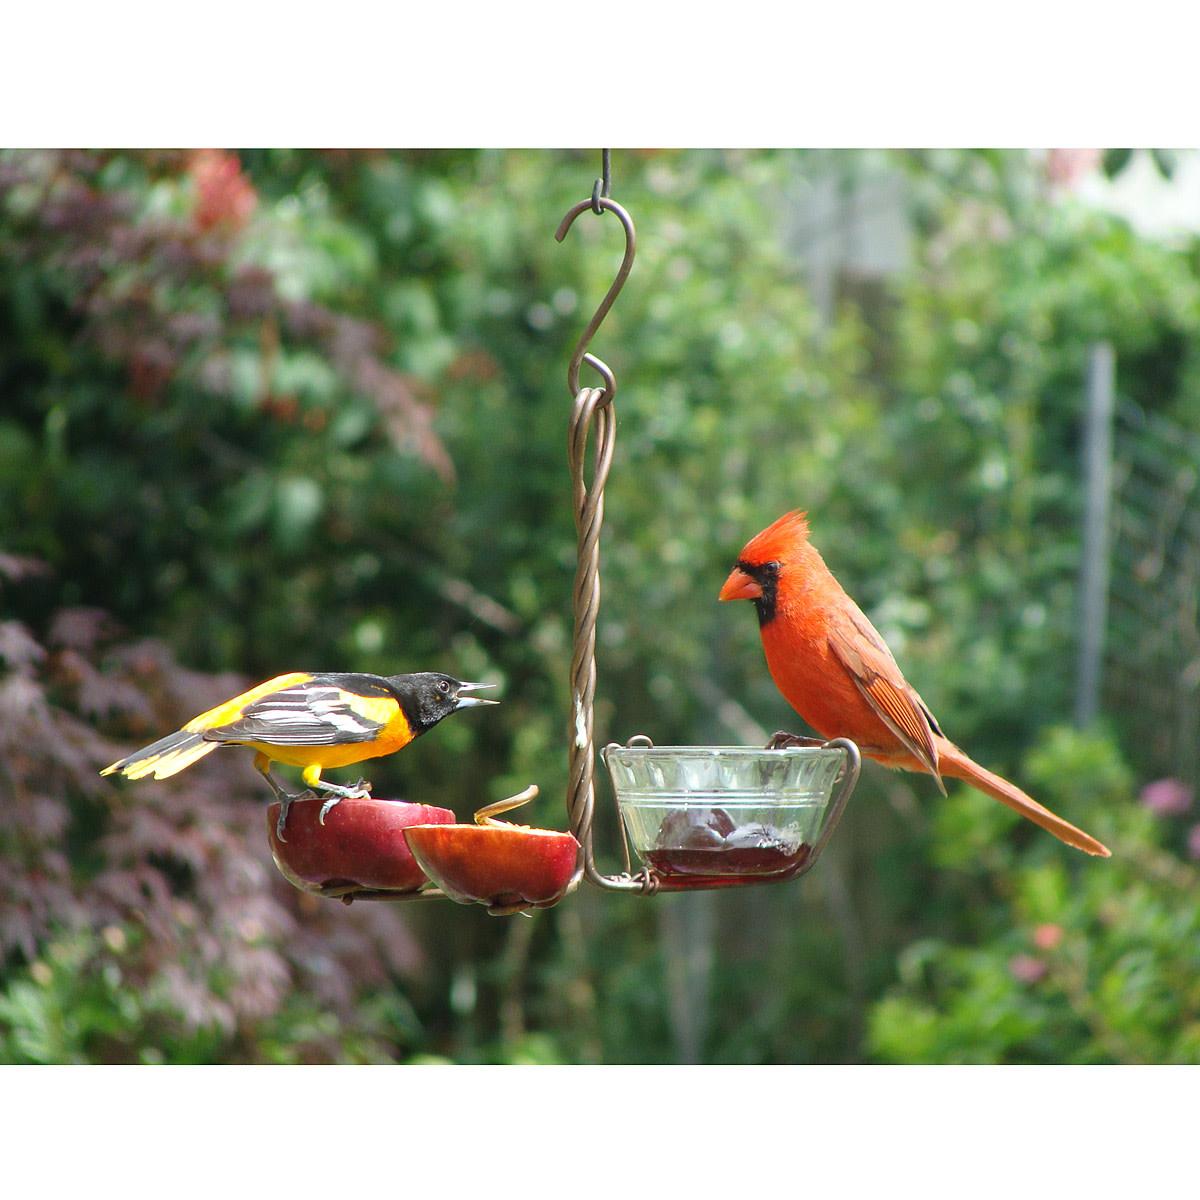 Backyard Gifts great gifts for backyard bird watchers   hubpages